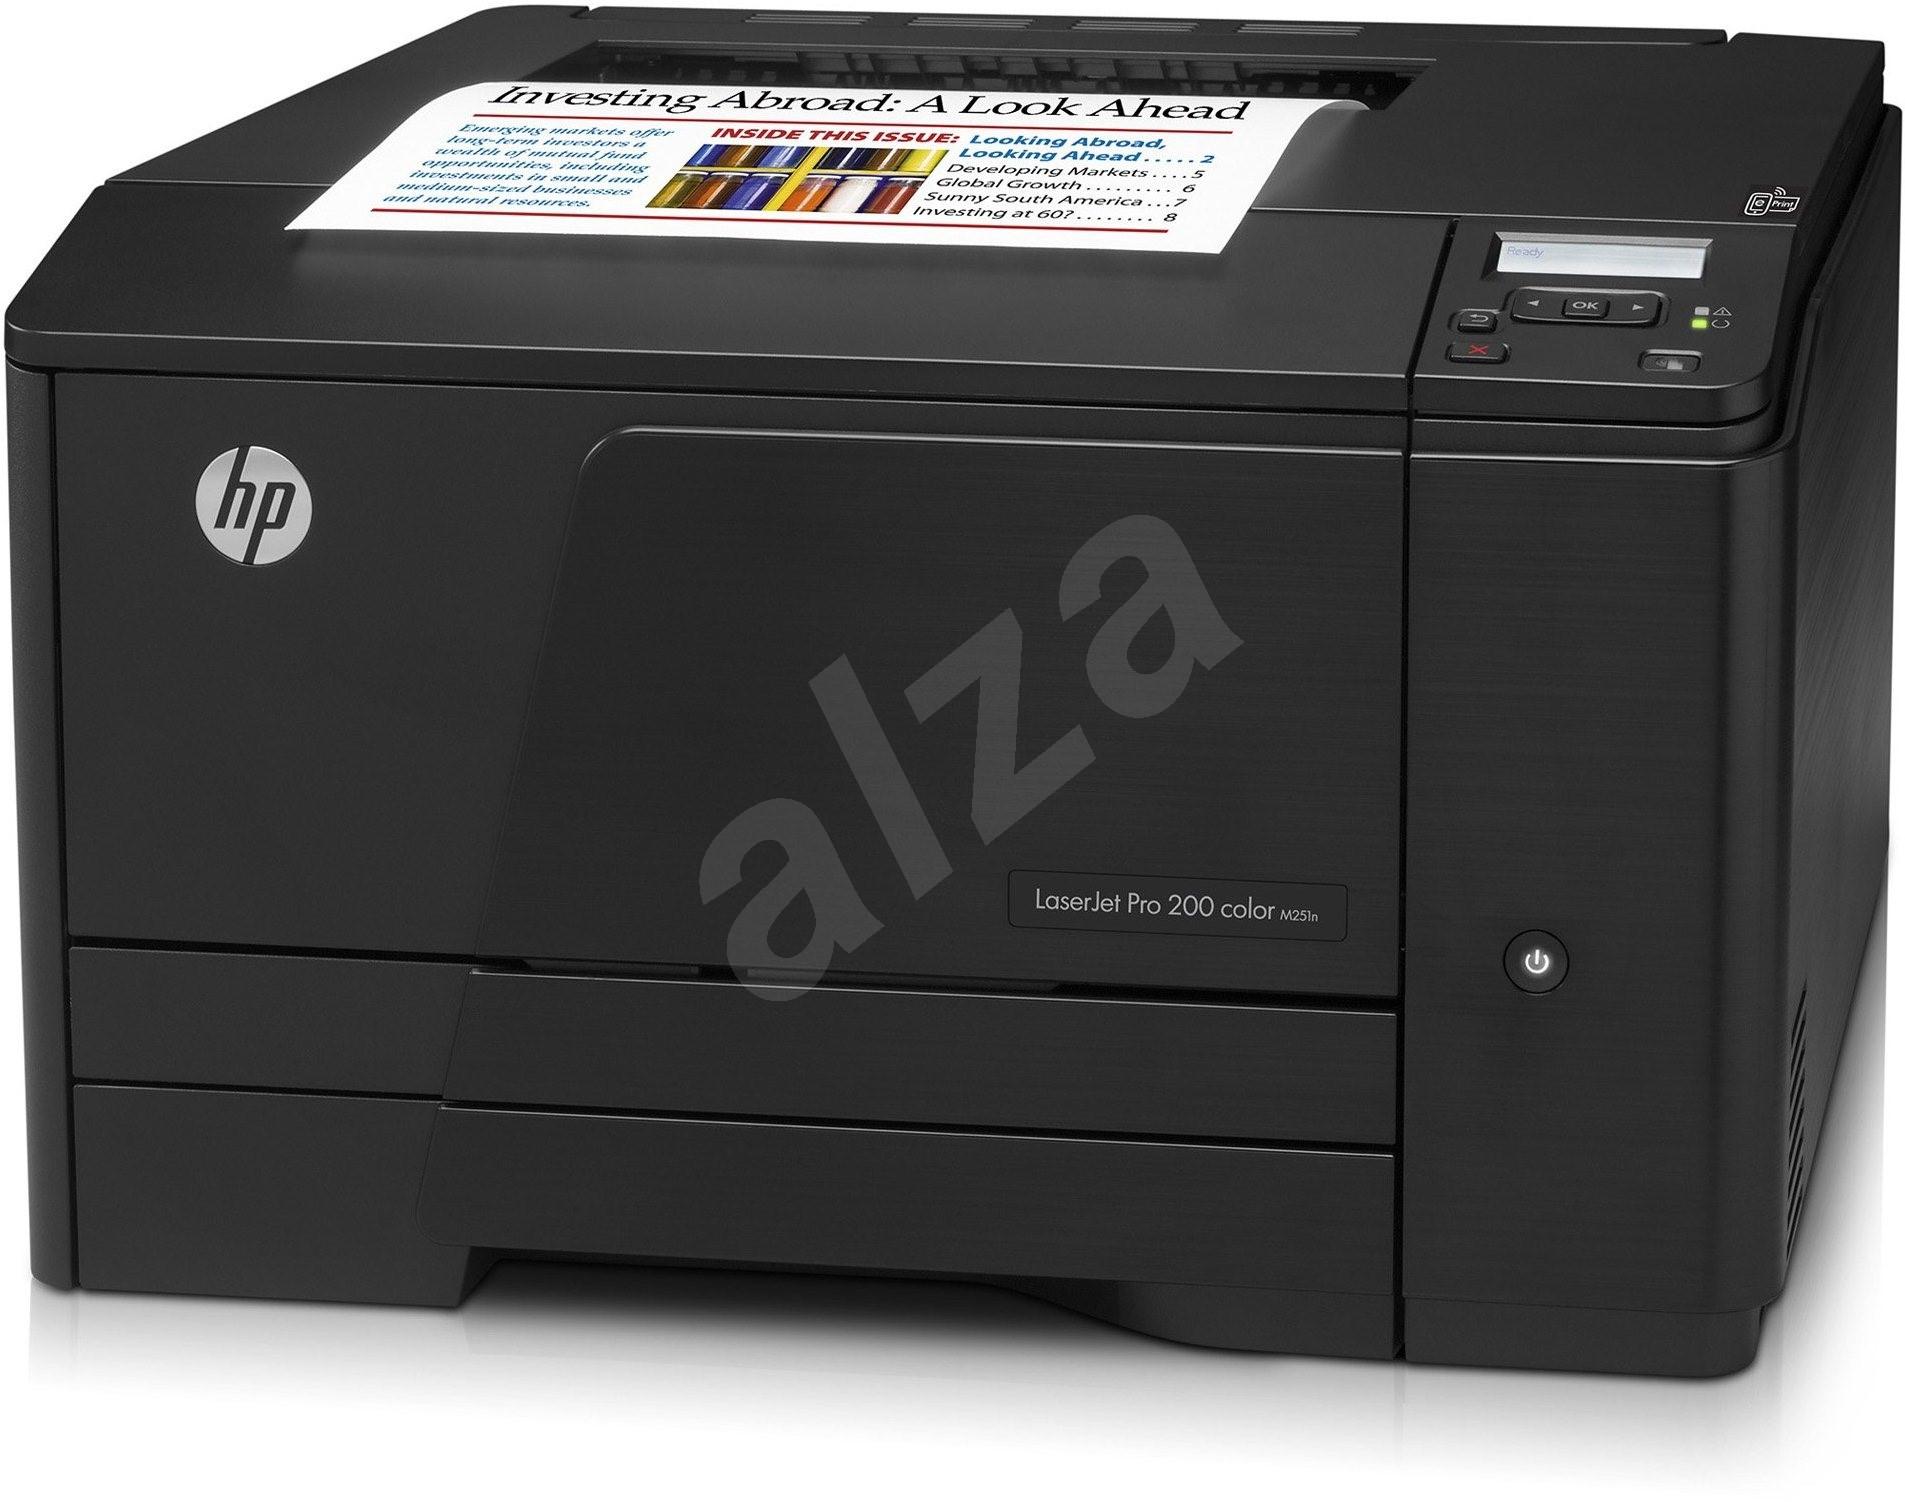 hp laserjet pro 200 color m251n laser printers. Black Bedroom Furniture Sets. Home Design Ideas